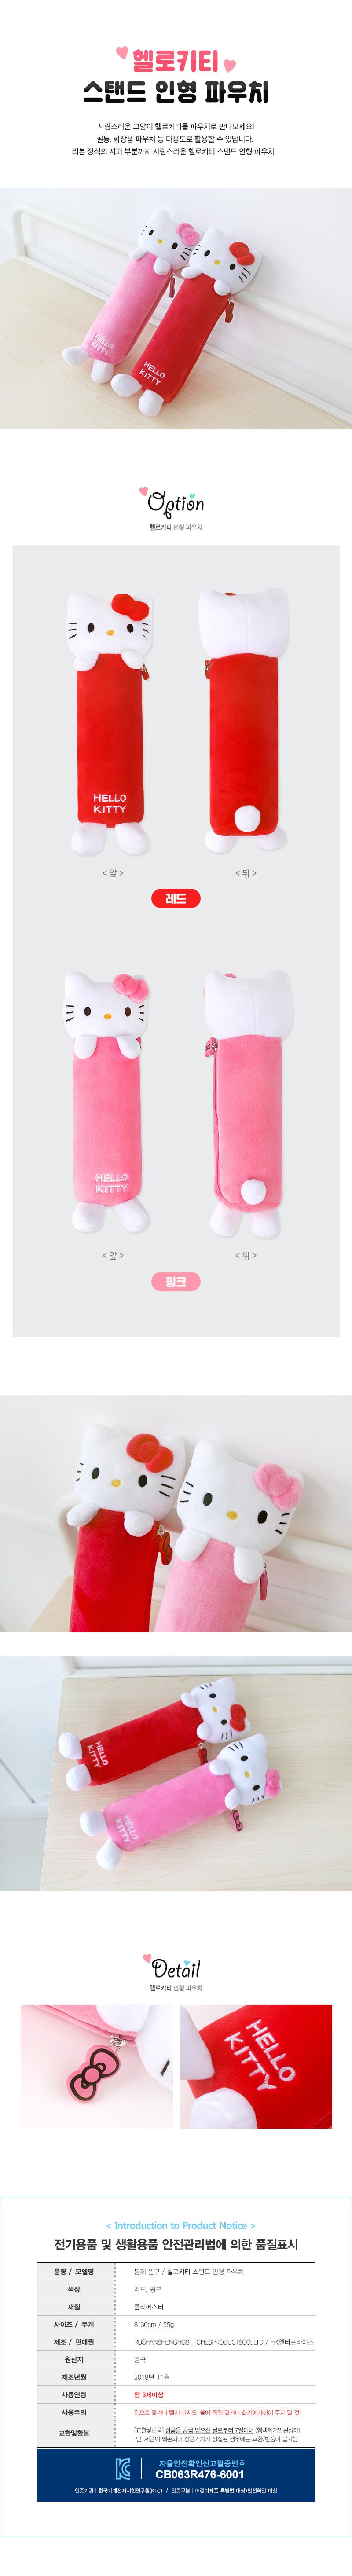 헬로키티 스탠드 인형 파우치-핑크 - 누리토이즈, 12,000원, 패브릭필통, 캐릭터